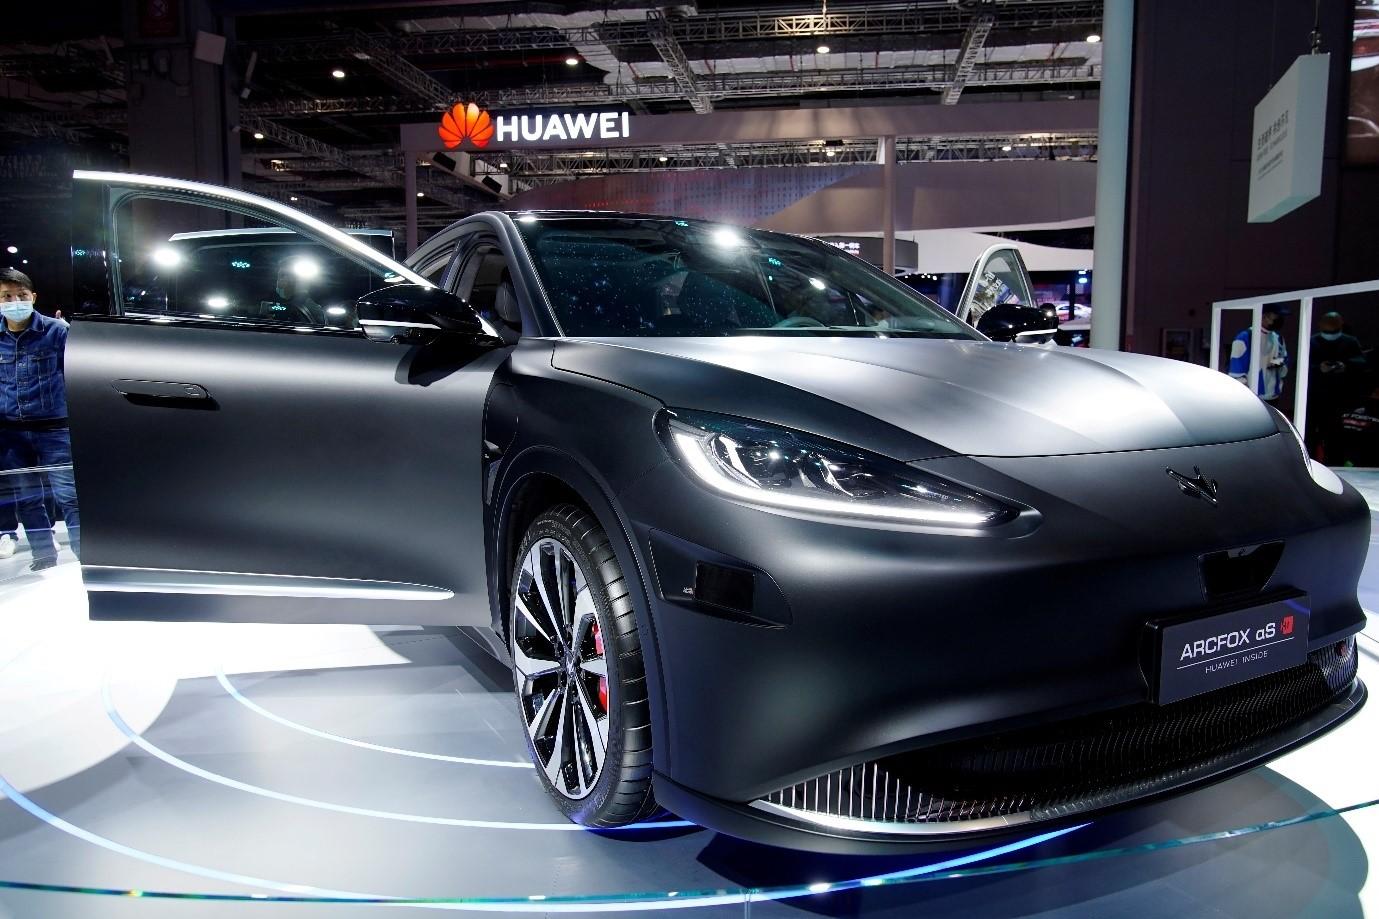 Mẫu xe điện Arcfox Alpha-S HI của Huawei trưng bày tại triển lãm Auto Thượng Hải tháng 4/2021. Ảnh: Reuters